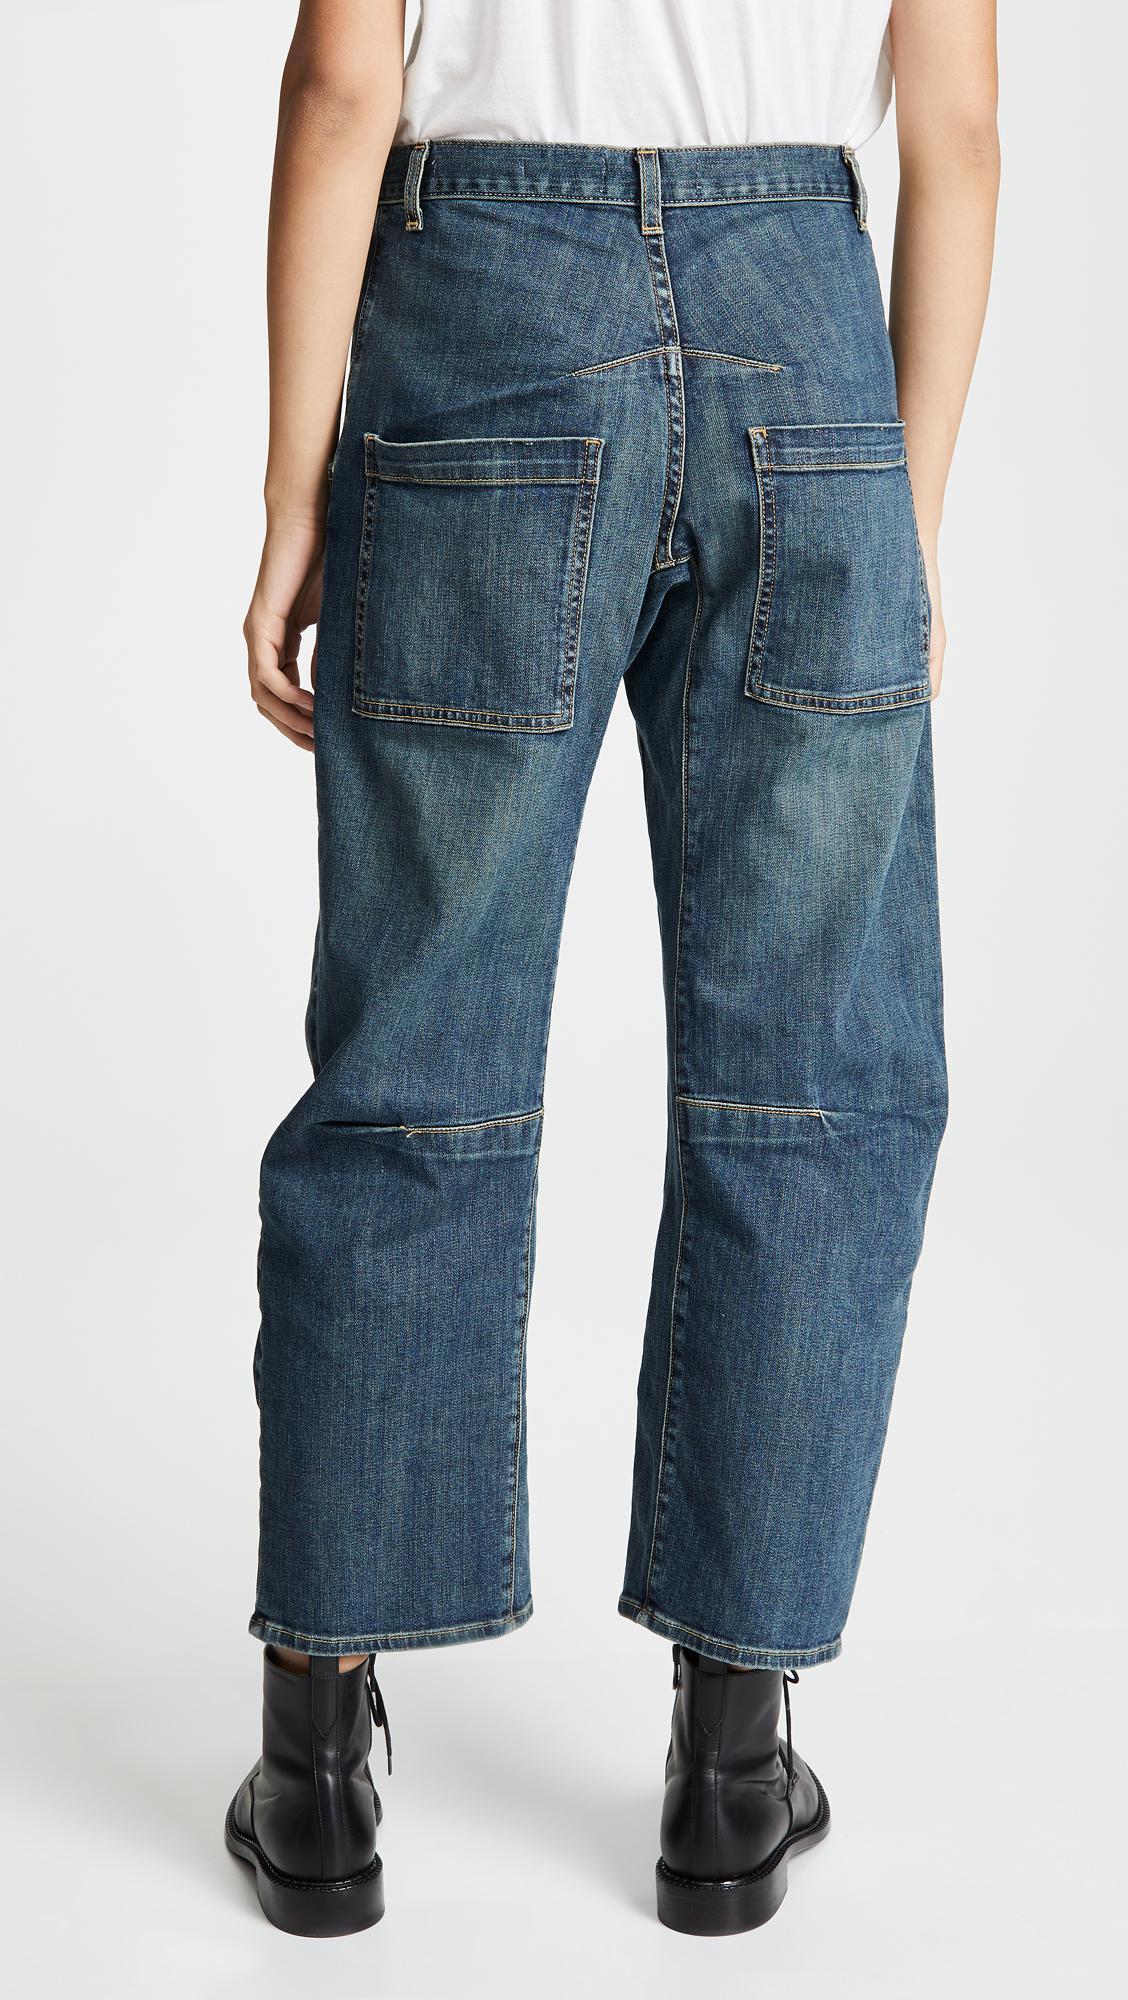 Lyst Emerson Lotan In Jeans Nili Blue WDIH92EY